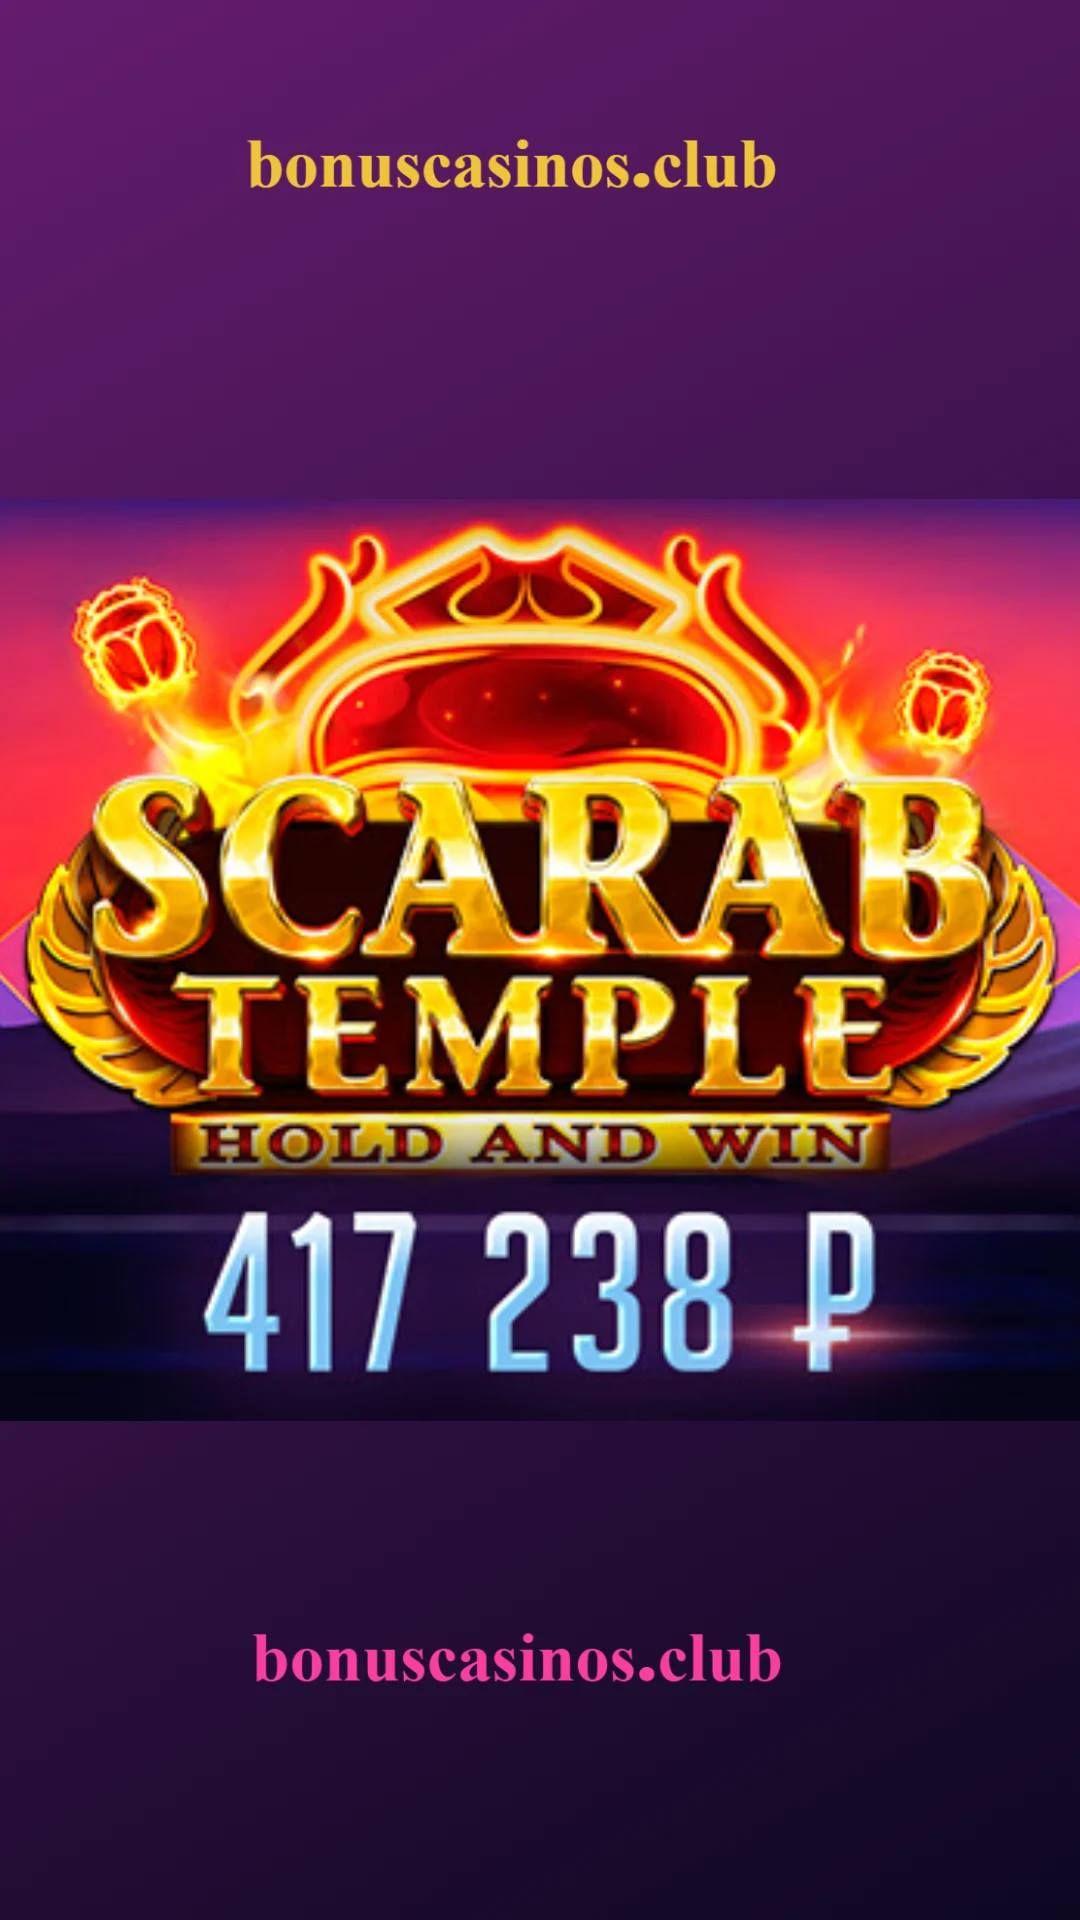 Новые казино на деньги рулетка онлайн бесплатно по скайпу